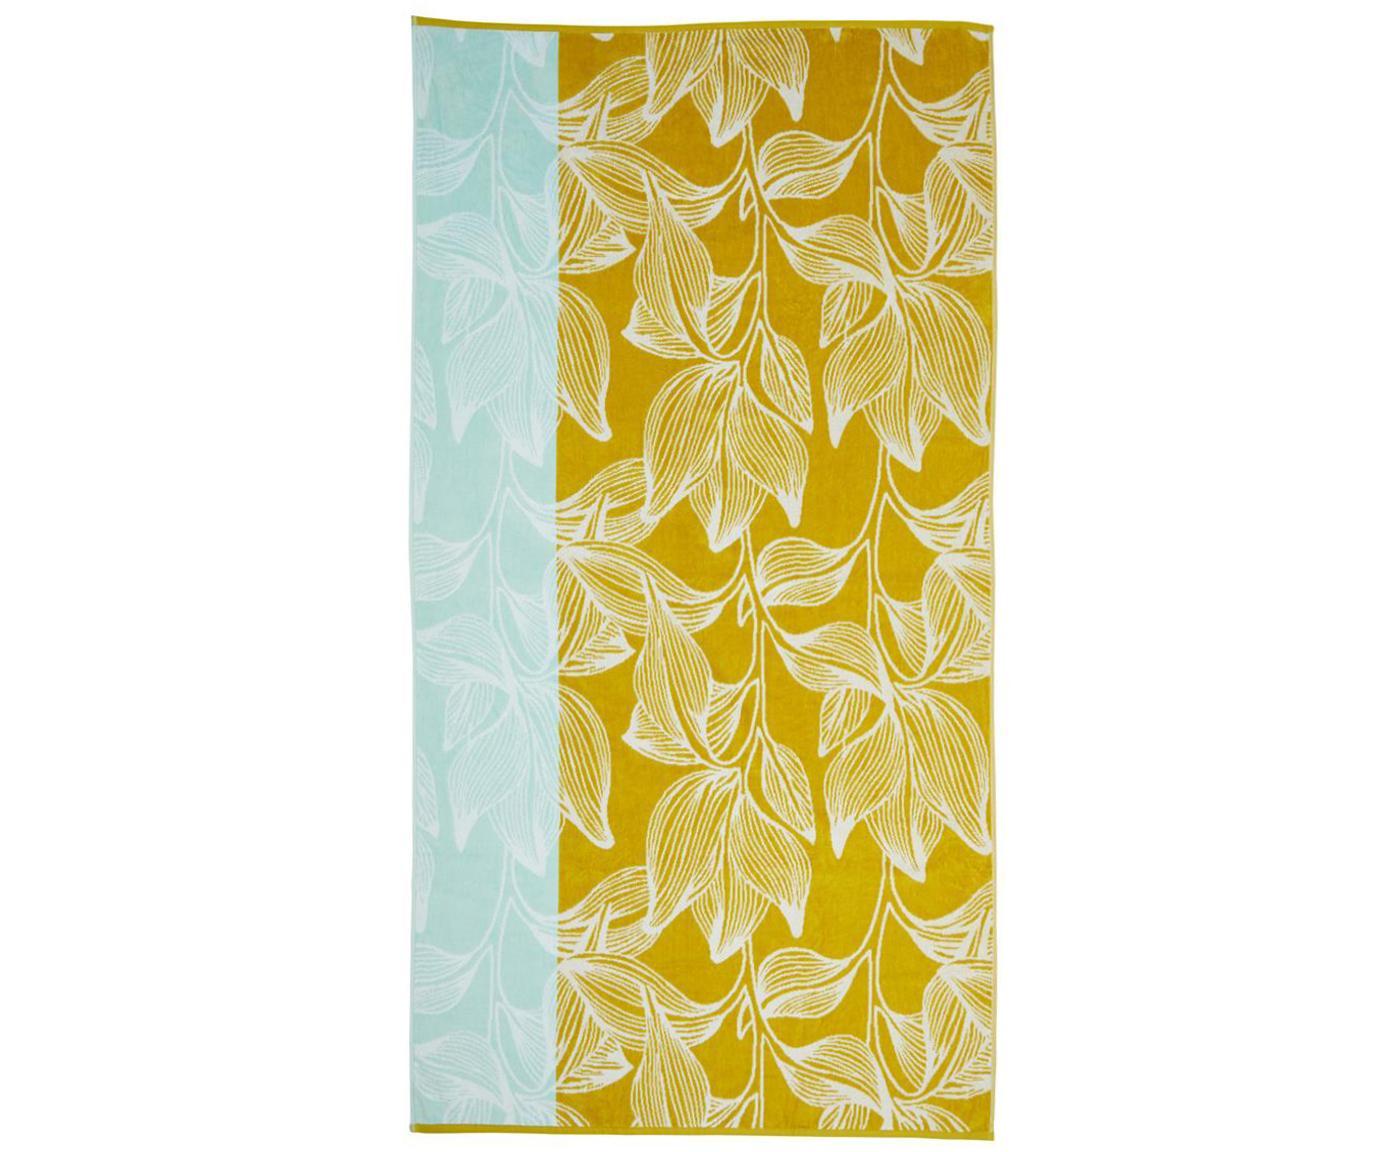 Strandtuch Mimosa, Gelb, Hellblau, 100 x 180 cm